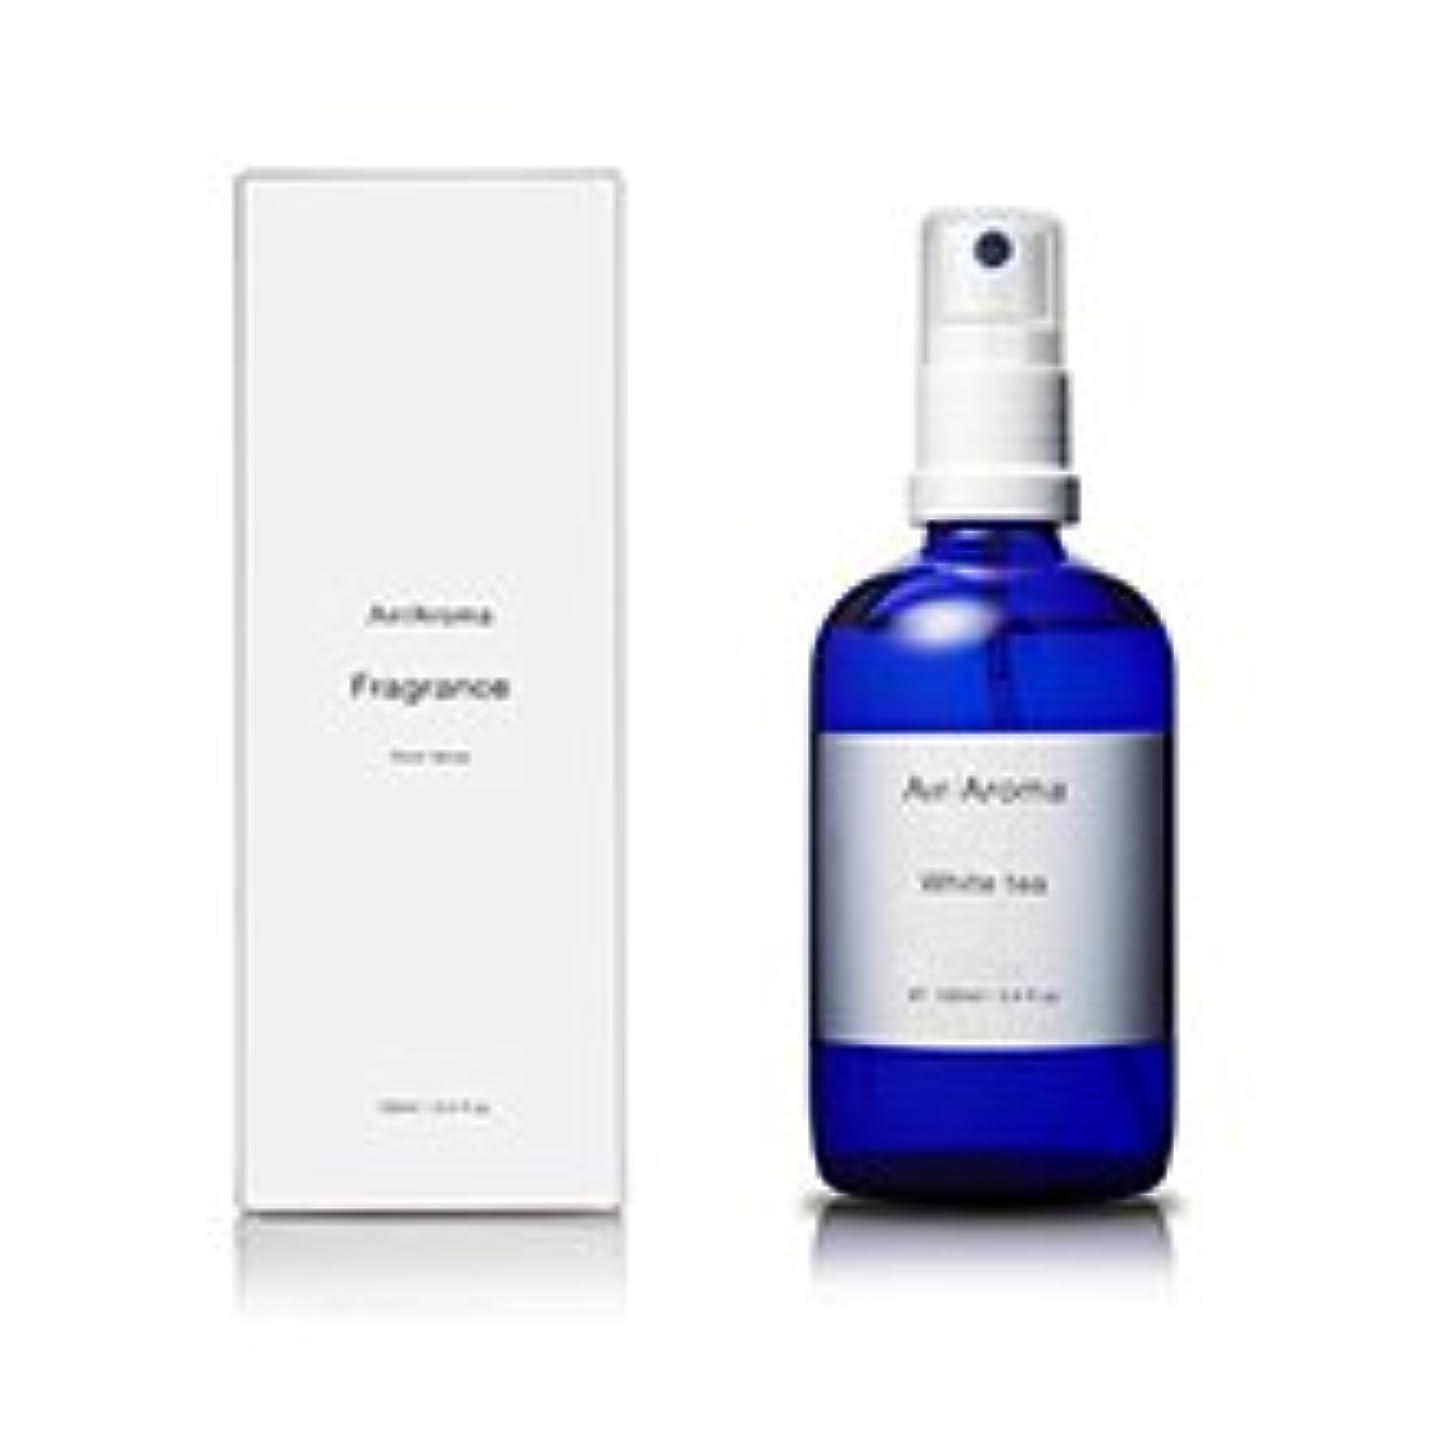 アヒルチャップ前述のエアアロマ white tea room fragrance(ホワイトティ ルームフレグランス)100ml